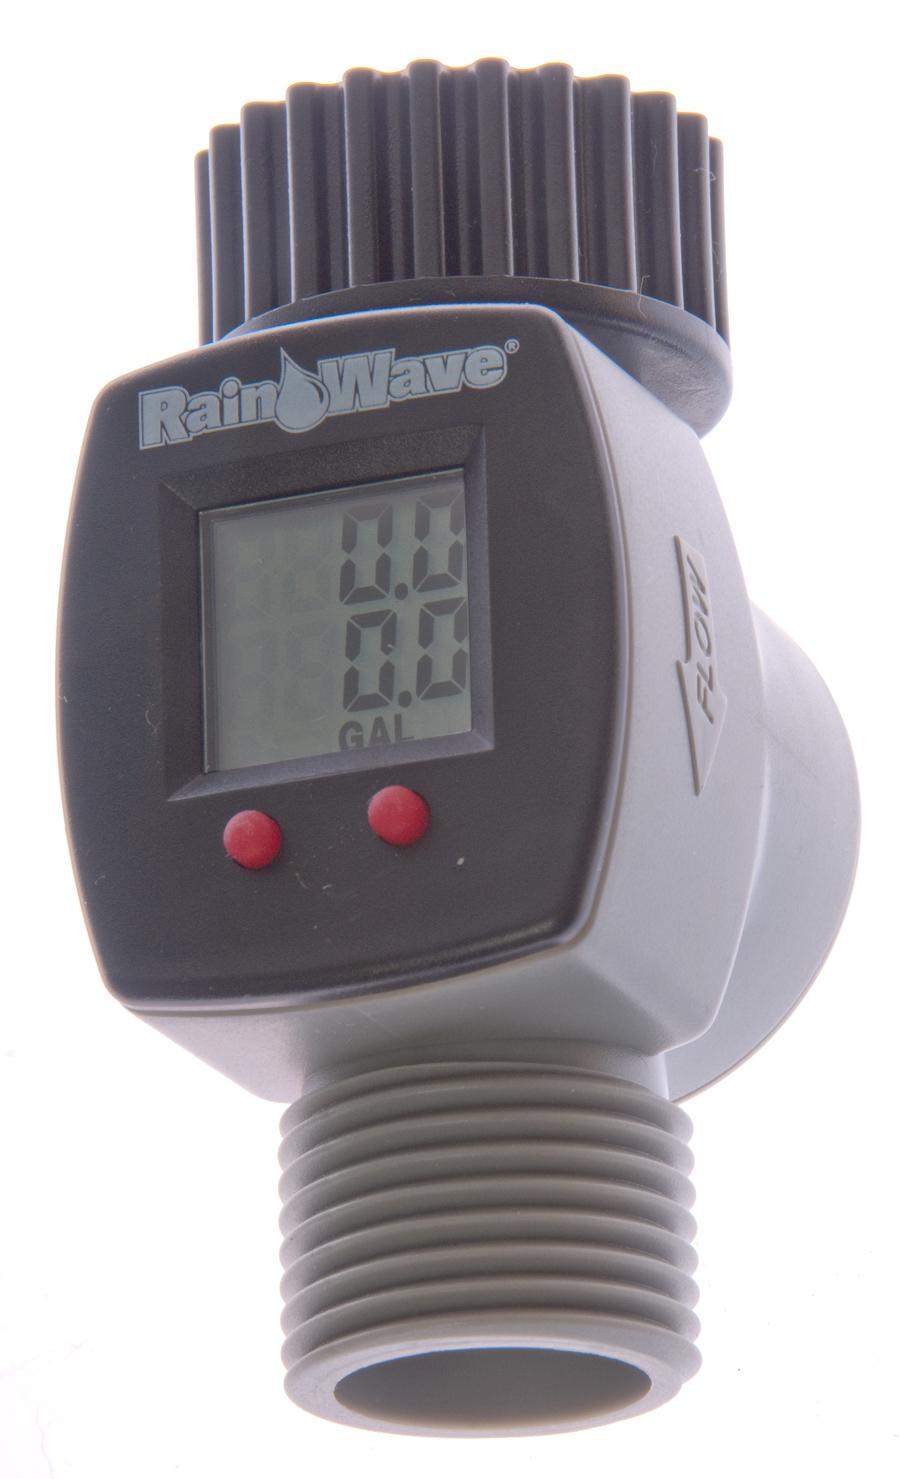 Smart Utility Meters